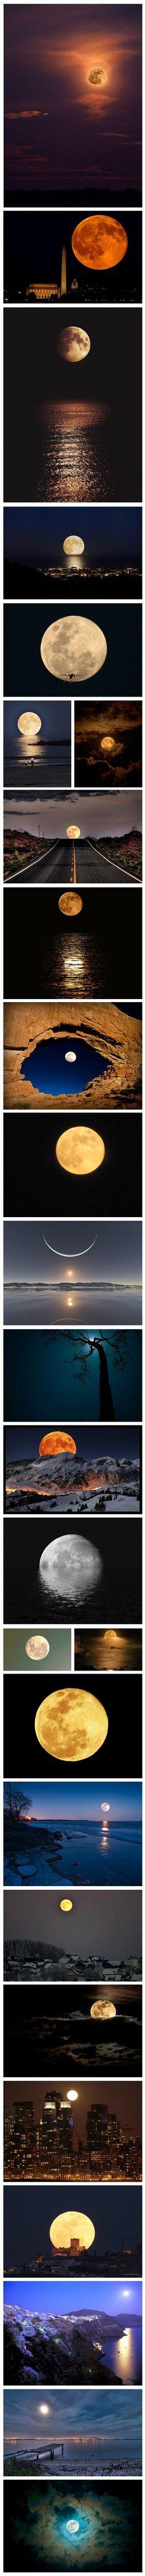 Amazing moon!